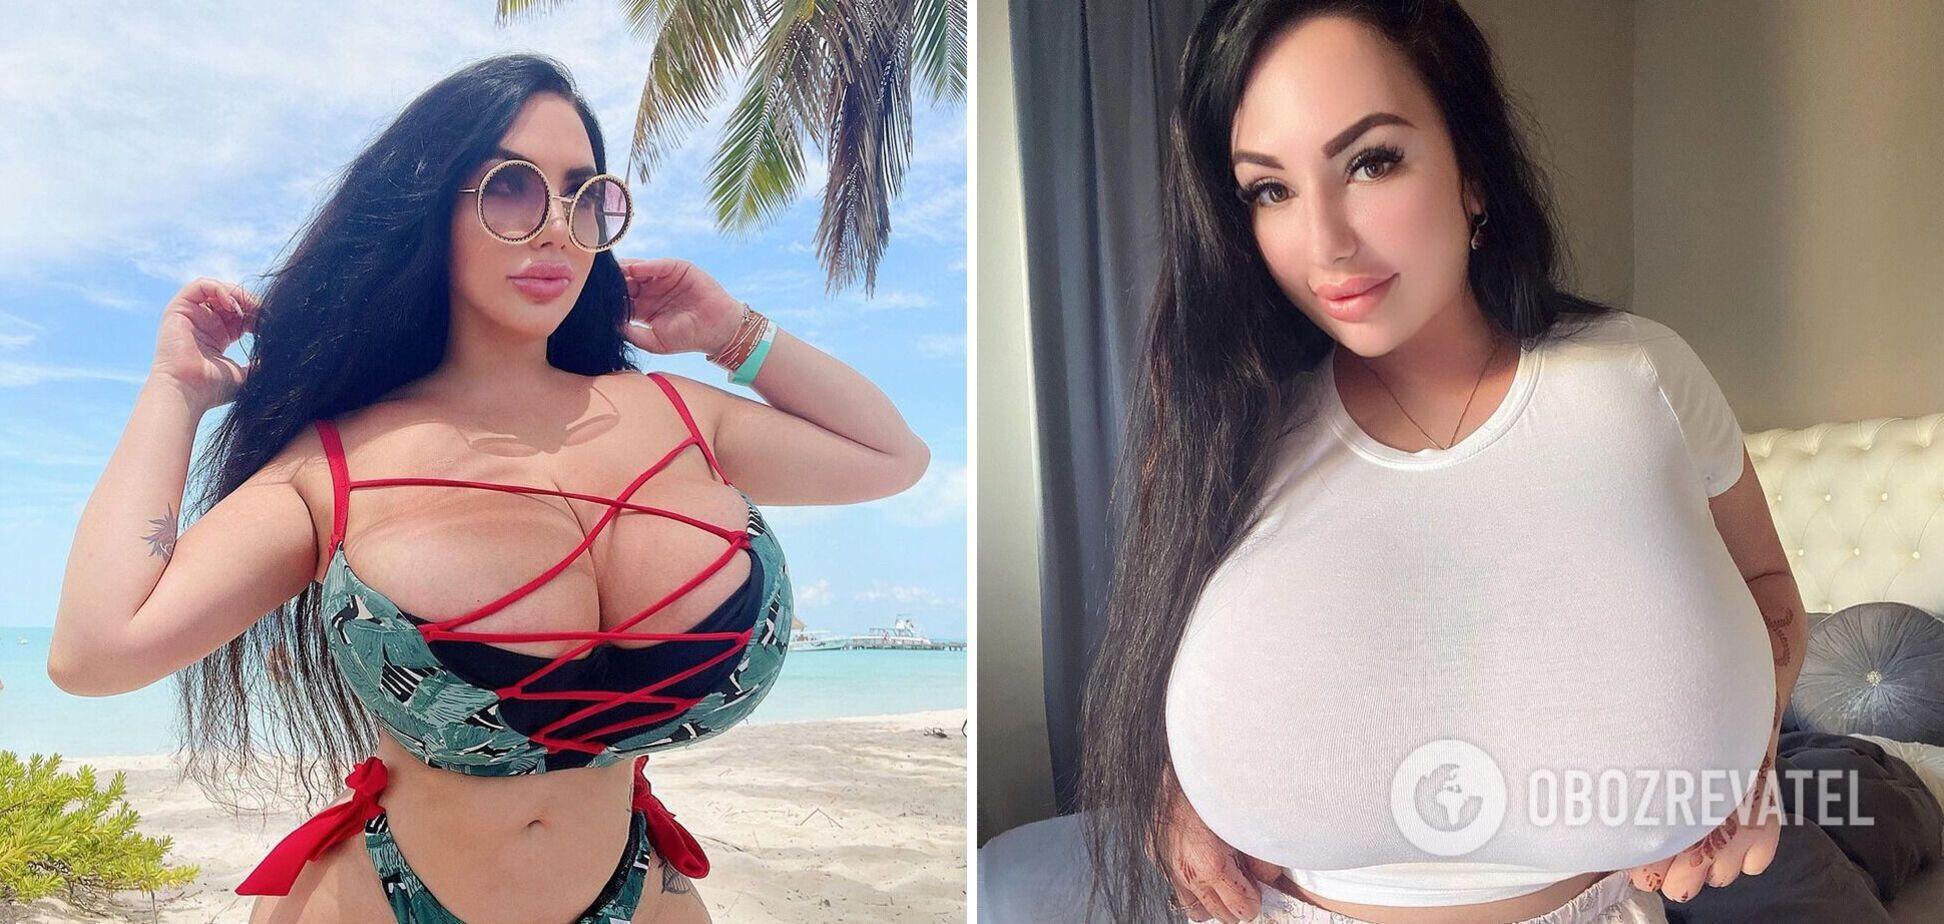 Слишком большая грудь разрушила жизнь 26-летней россиянки. Фото